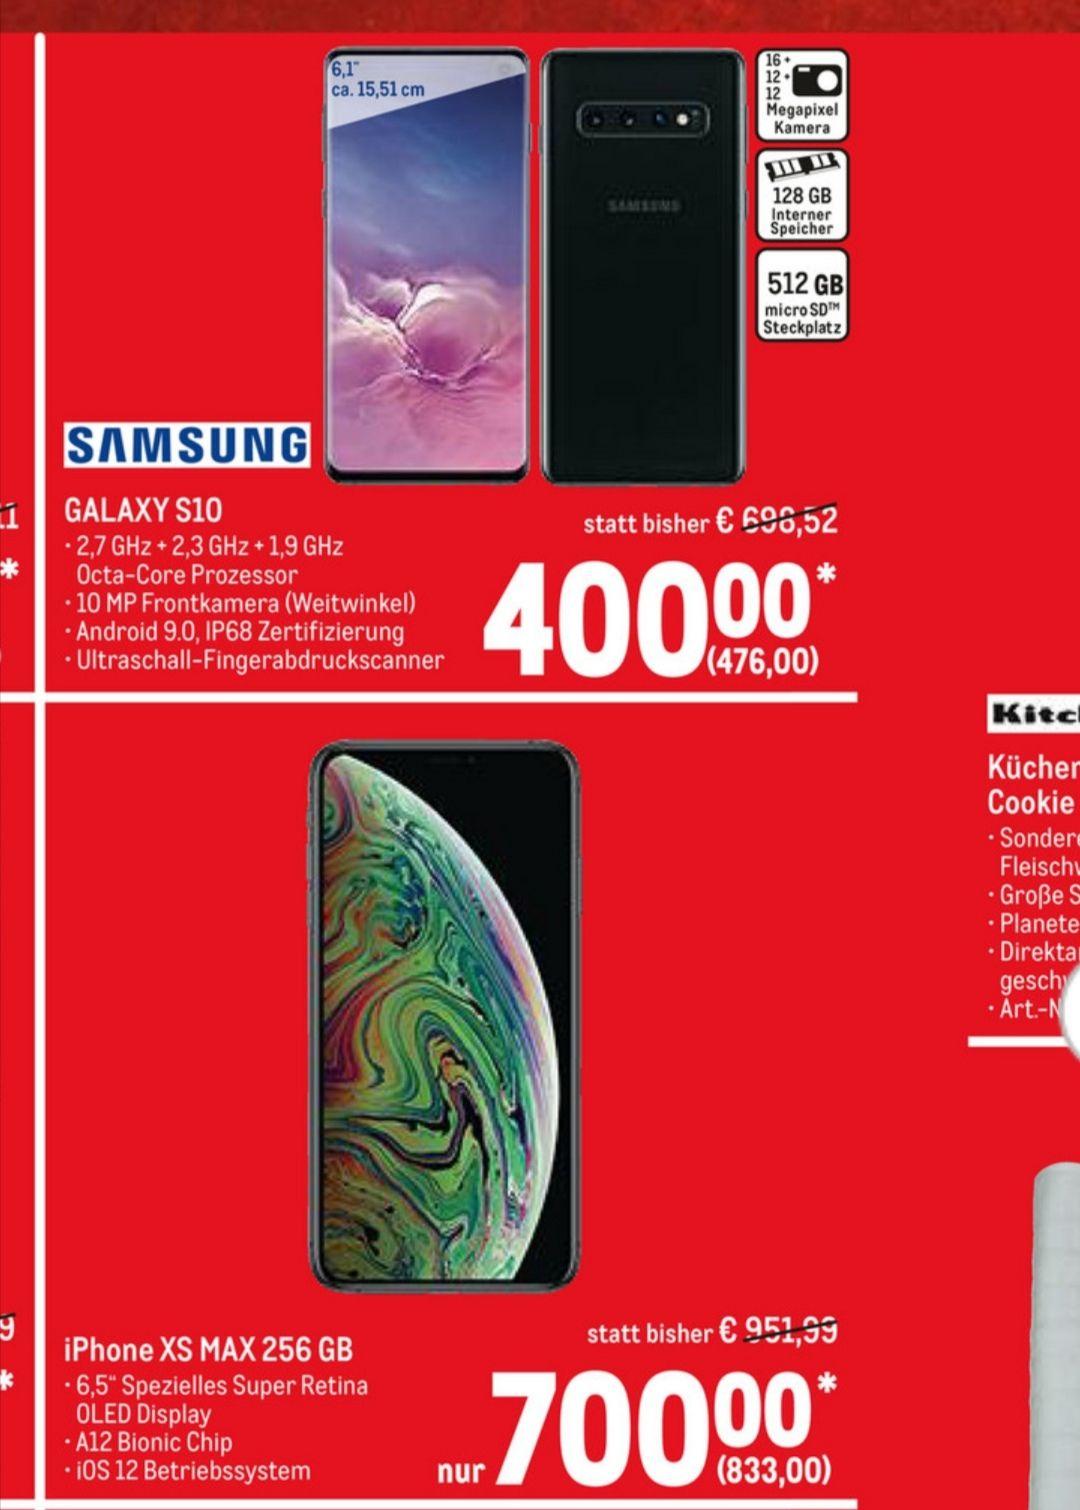 Stationärer METRO SALE Apple iPhone Xs Max256GB für 833 €, Samsung S10 128 GB 476 € / 10 € Newsletterrabatt möglich/ für Karteninhaber